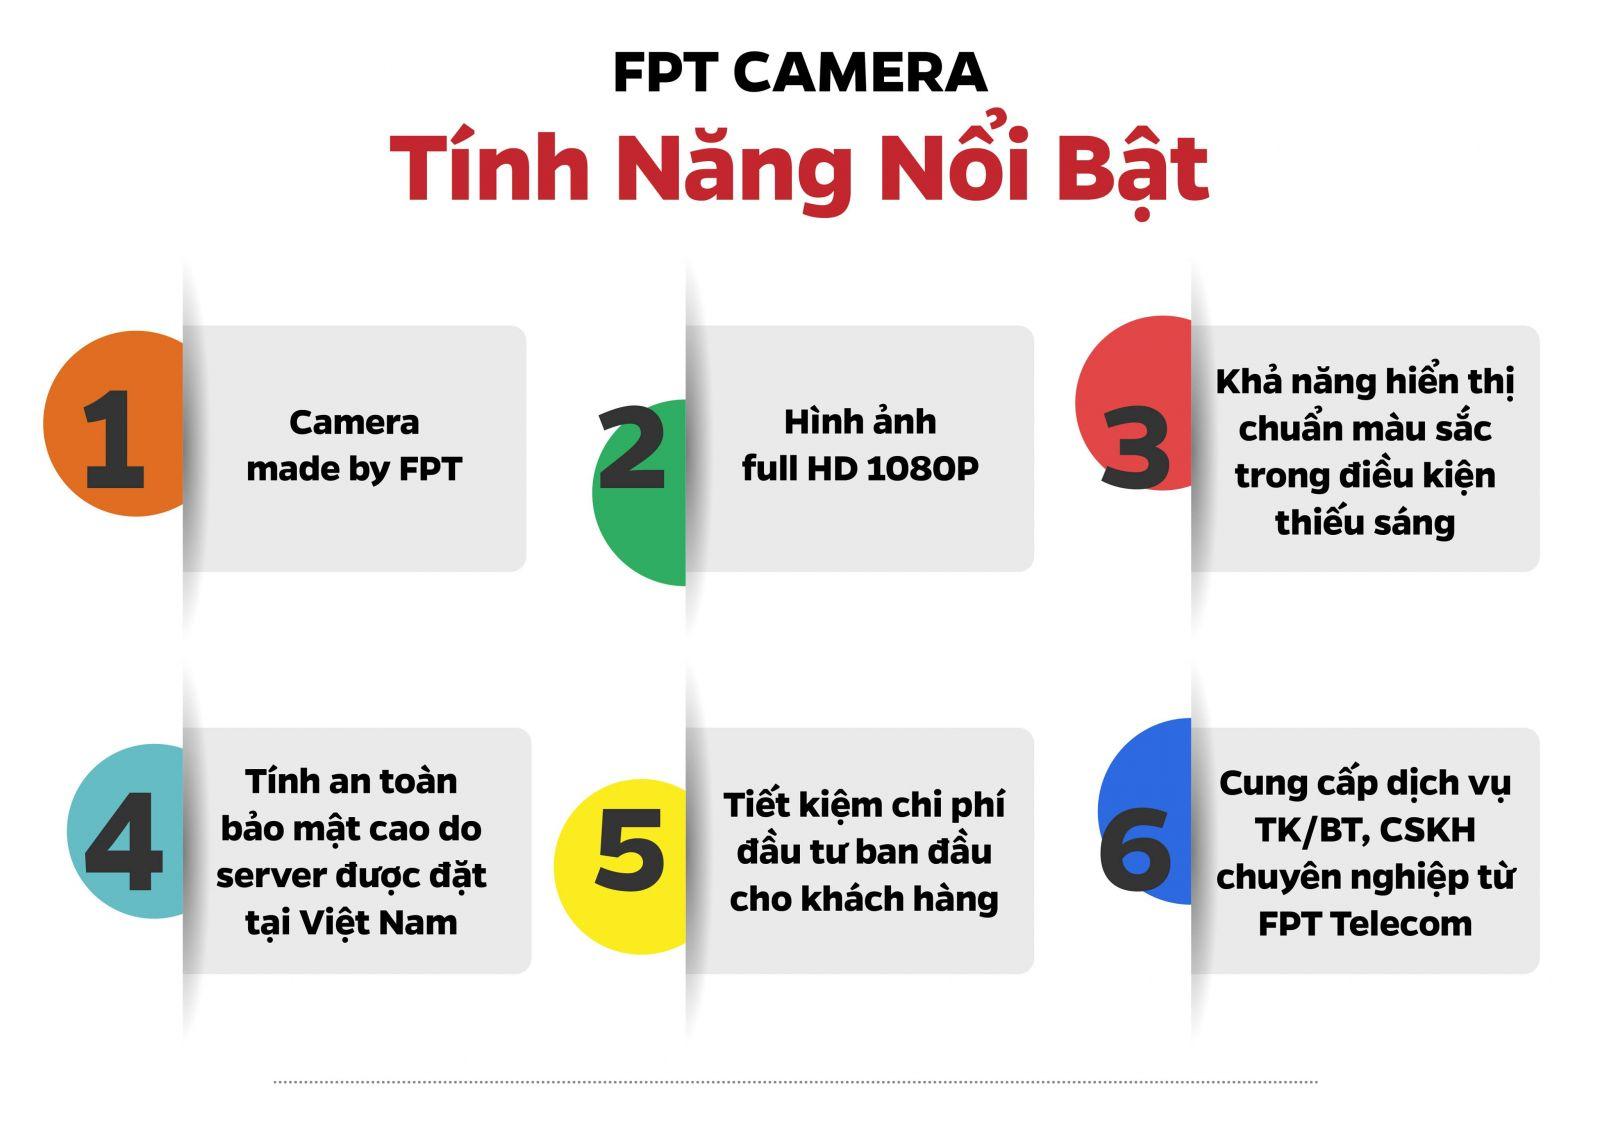 Tính năng nổi bật của Camera FPT